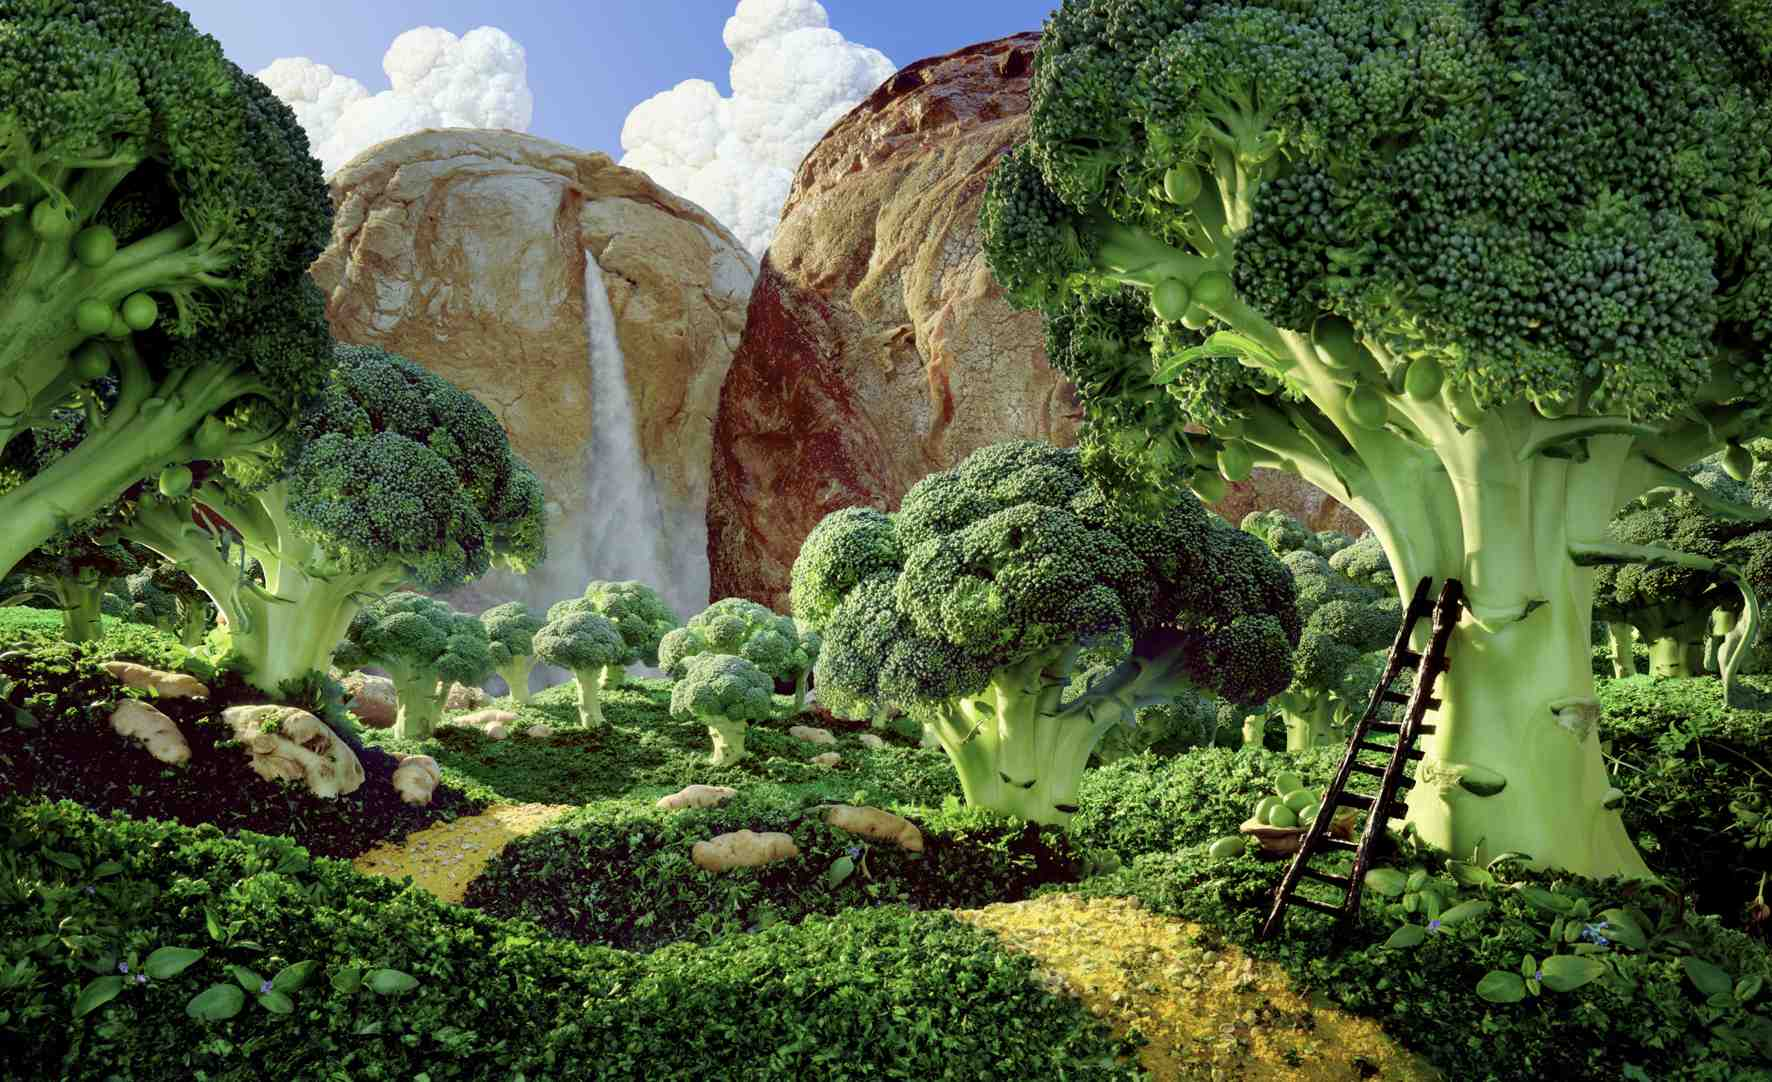 Paisajes diseñados con comida Carl Warner Landscapes designed with food